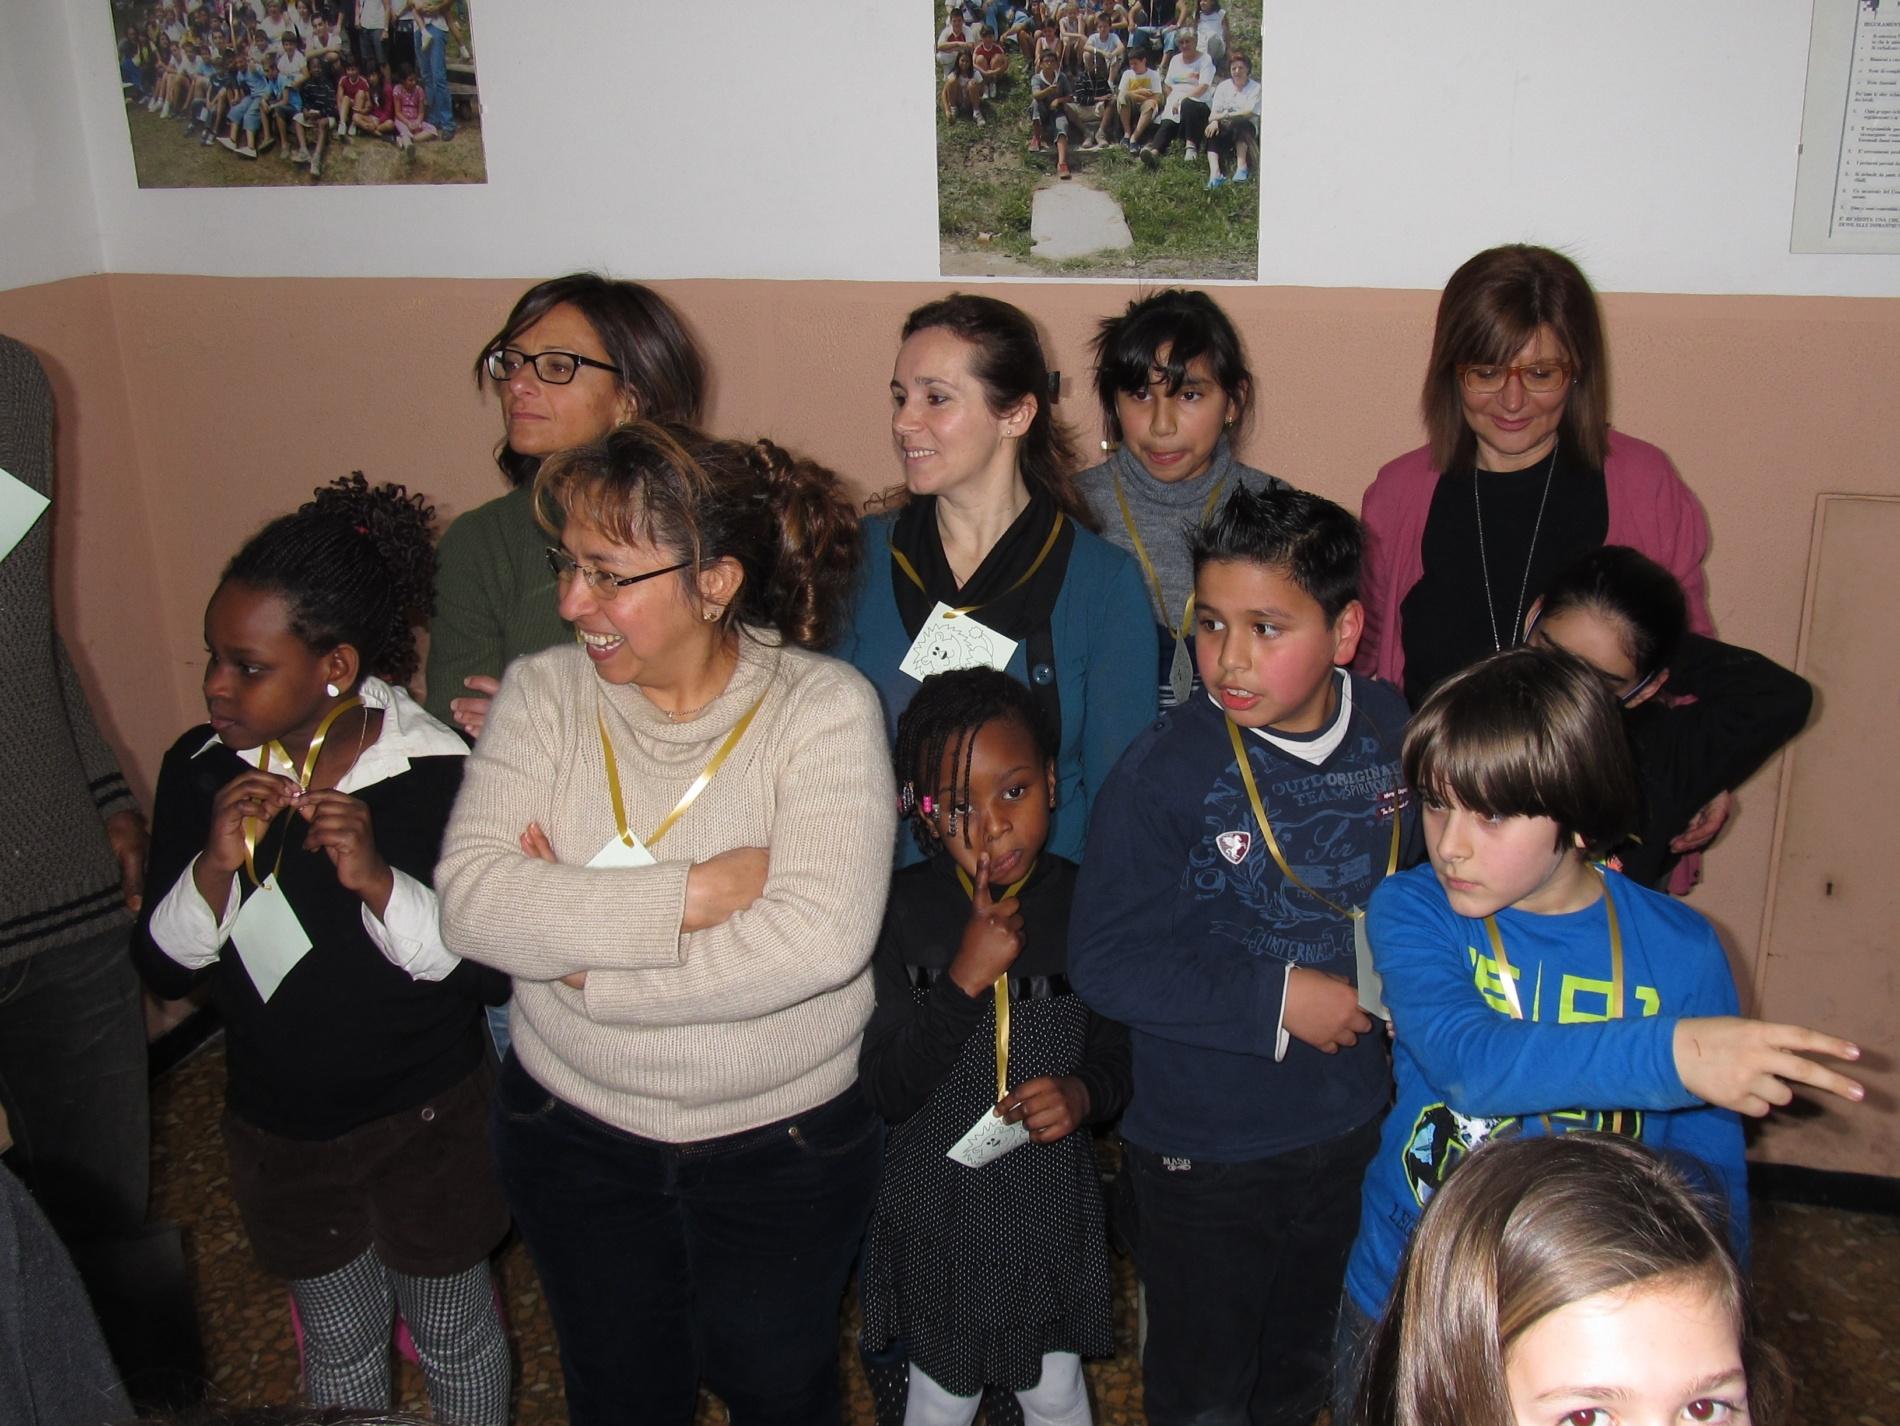 cena-famiglie-comunione-2015-02-07-20-48-27